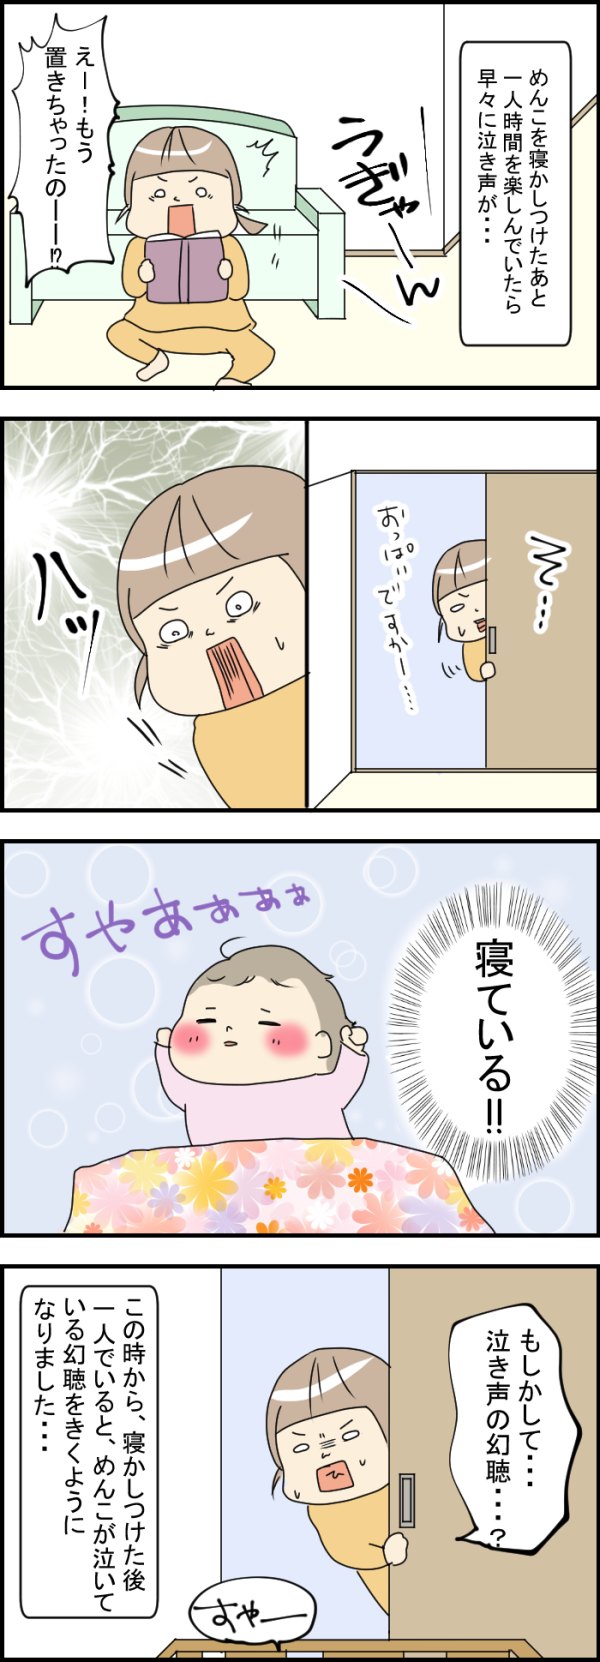 【子育てあるある?】「えーっ!?」寝かしつけ後、子どもの泣き声が聞こえる…!の画像1